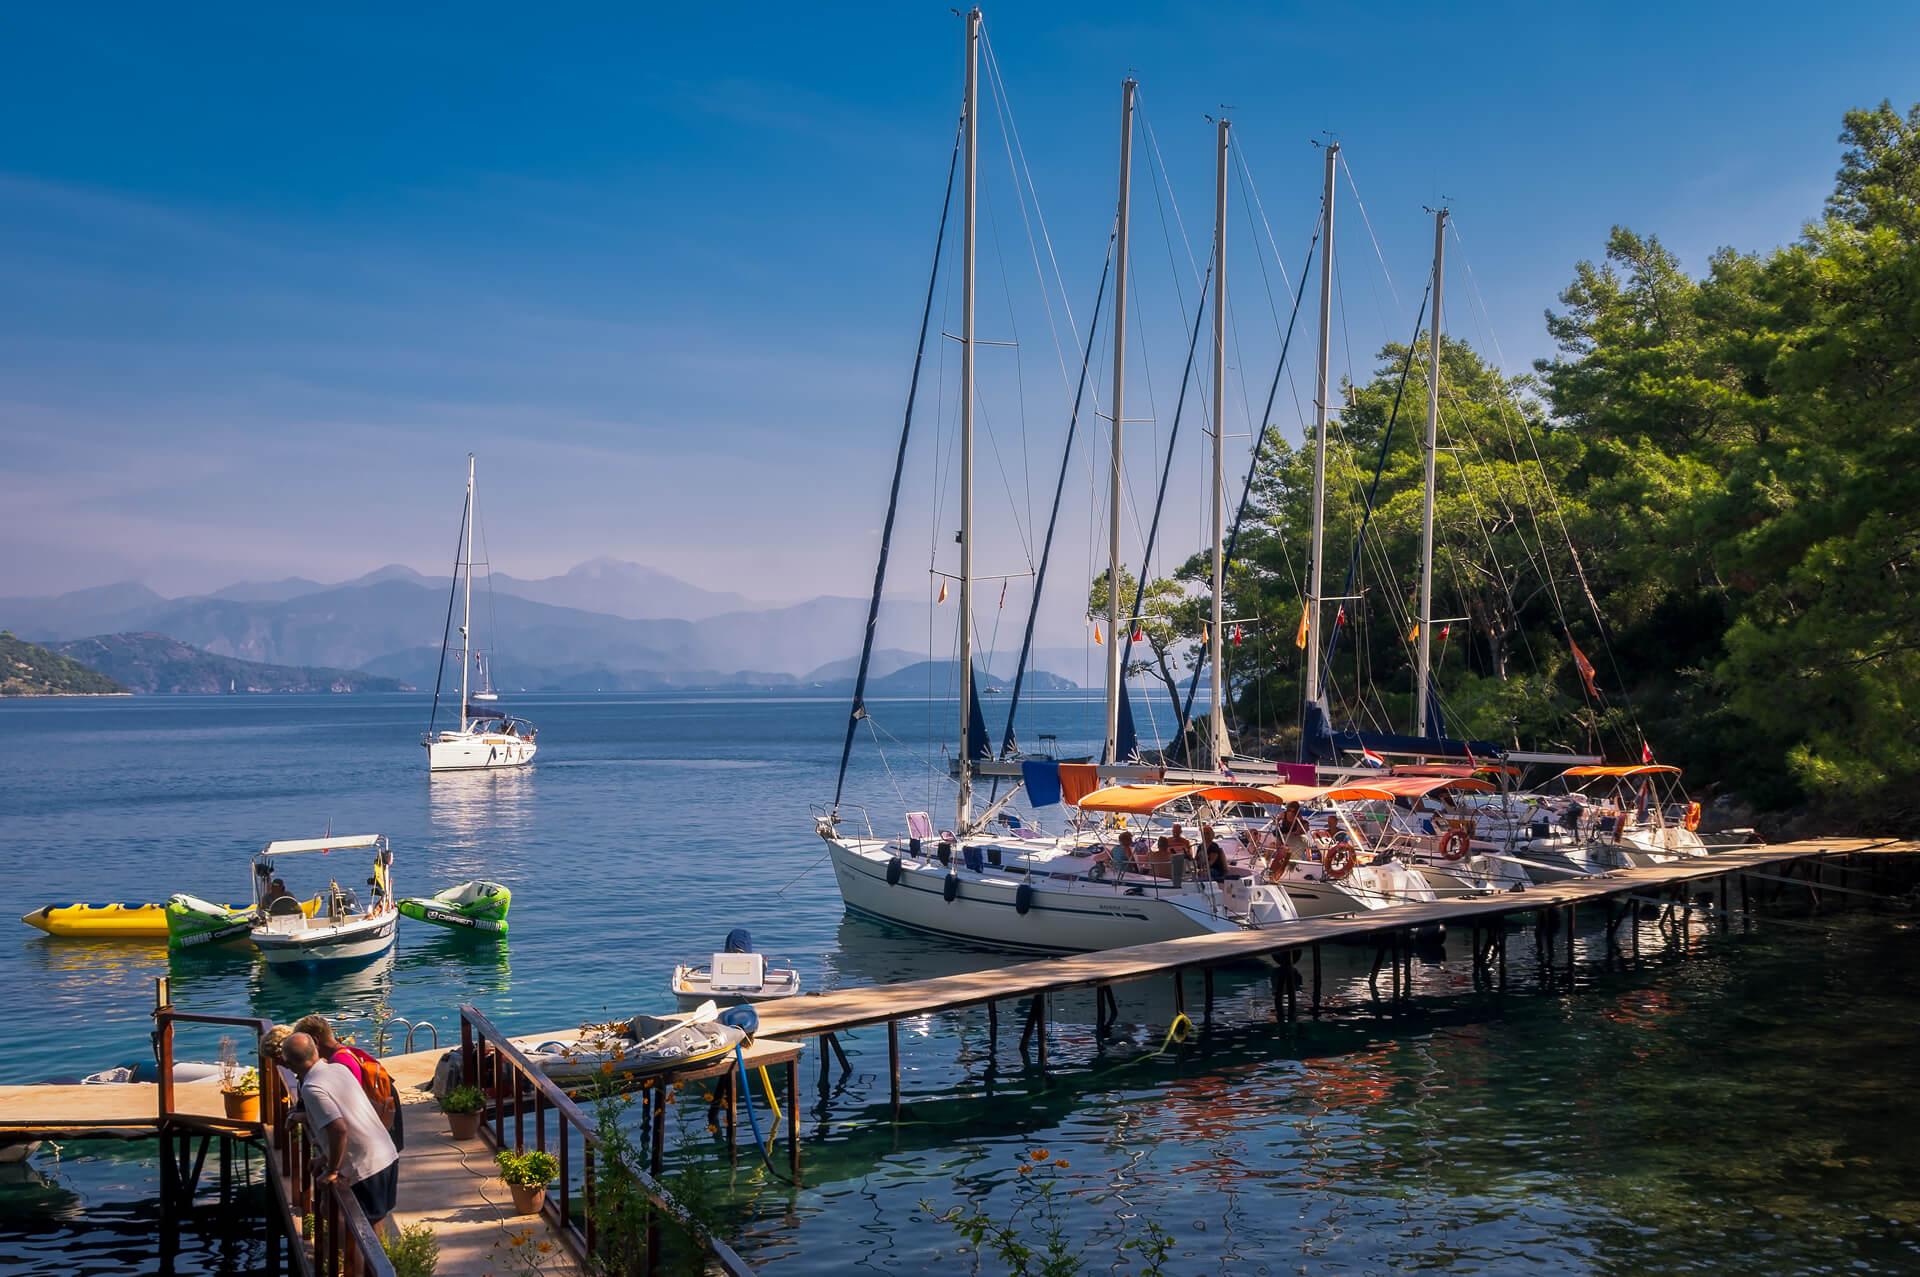 Flottieljezeilen in Turkije, zeiljachten te huur voor zeilvakanties